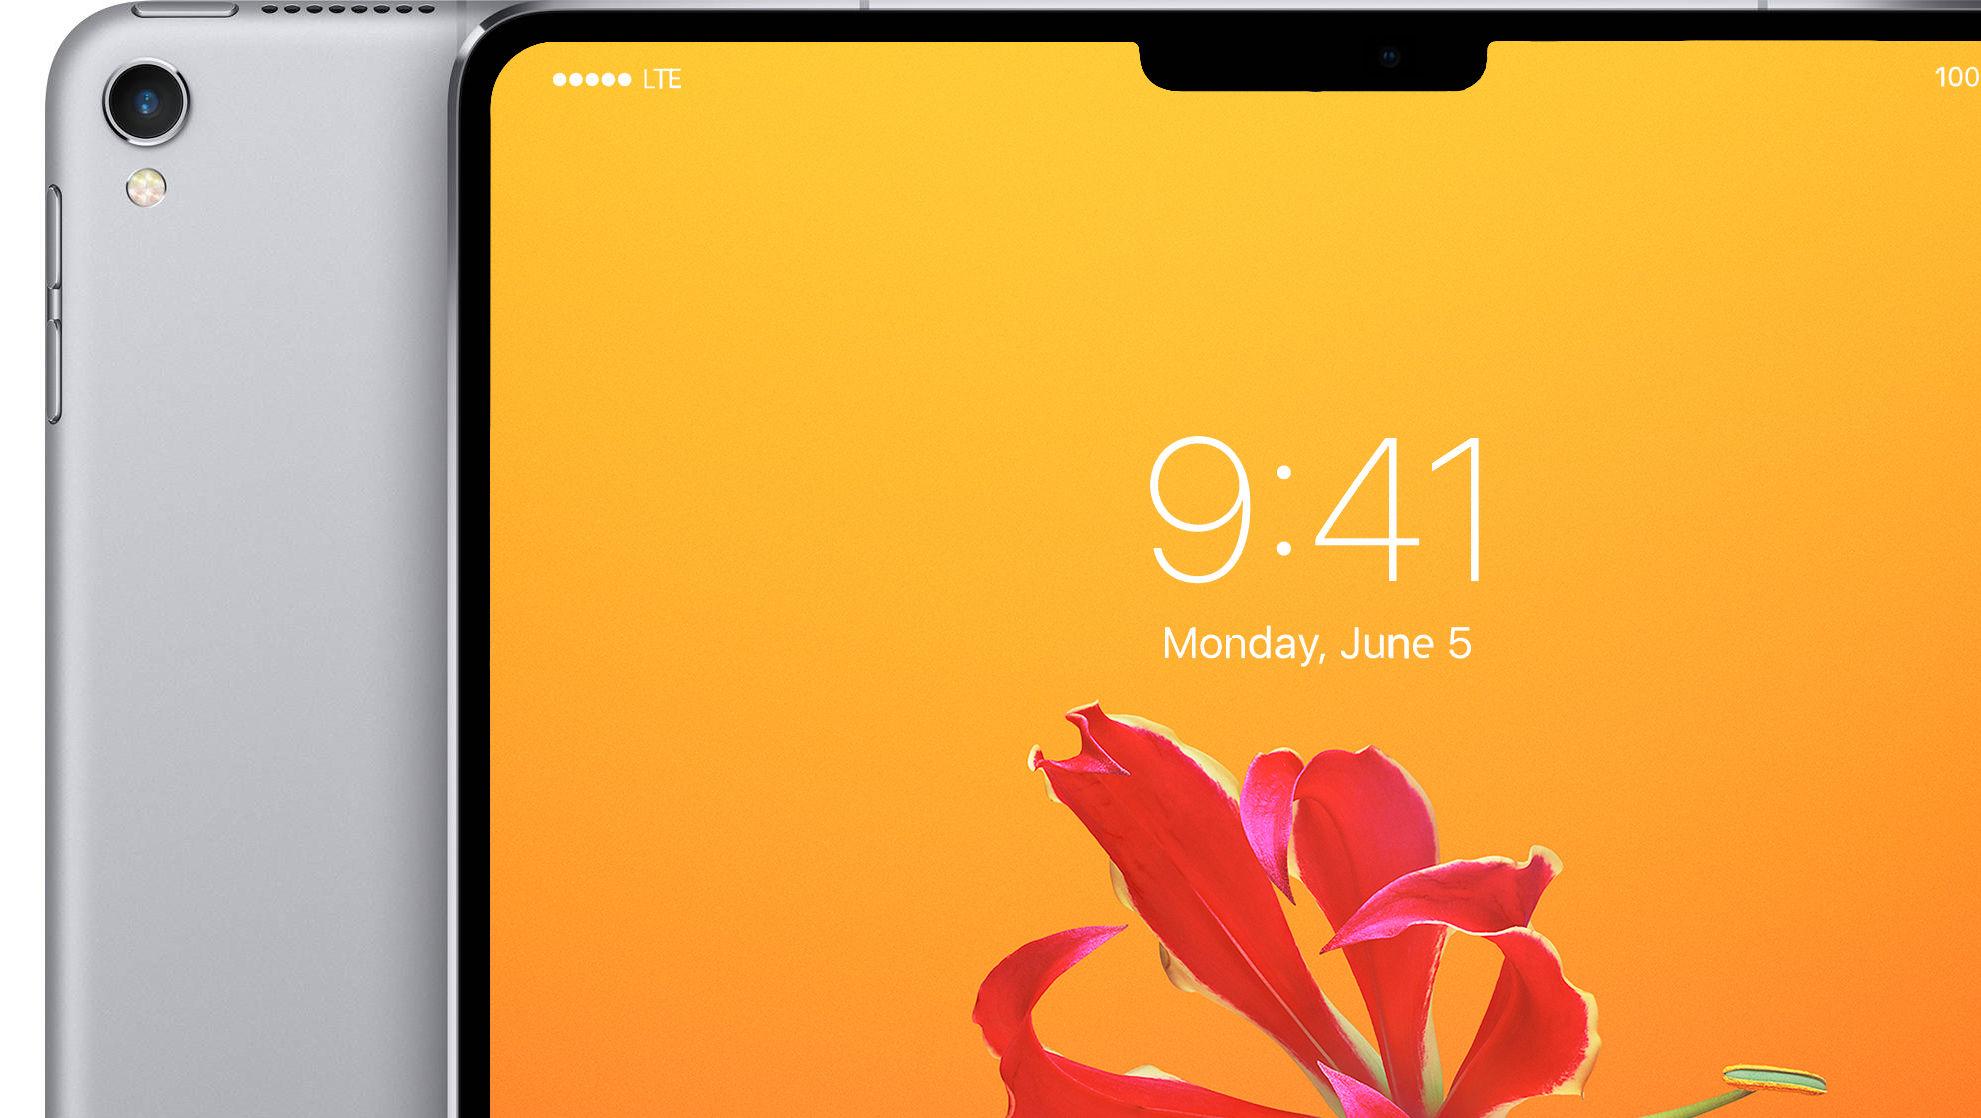 Nettbrett har mistet endel futt i markedet, takket være hybrid-bærbare. Kan en iPad som denne hjelpe?